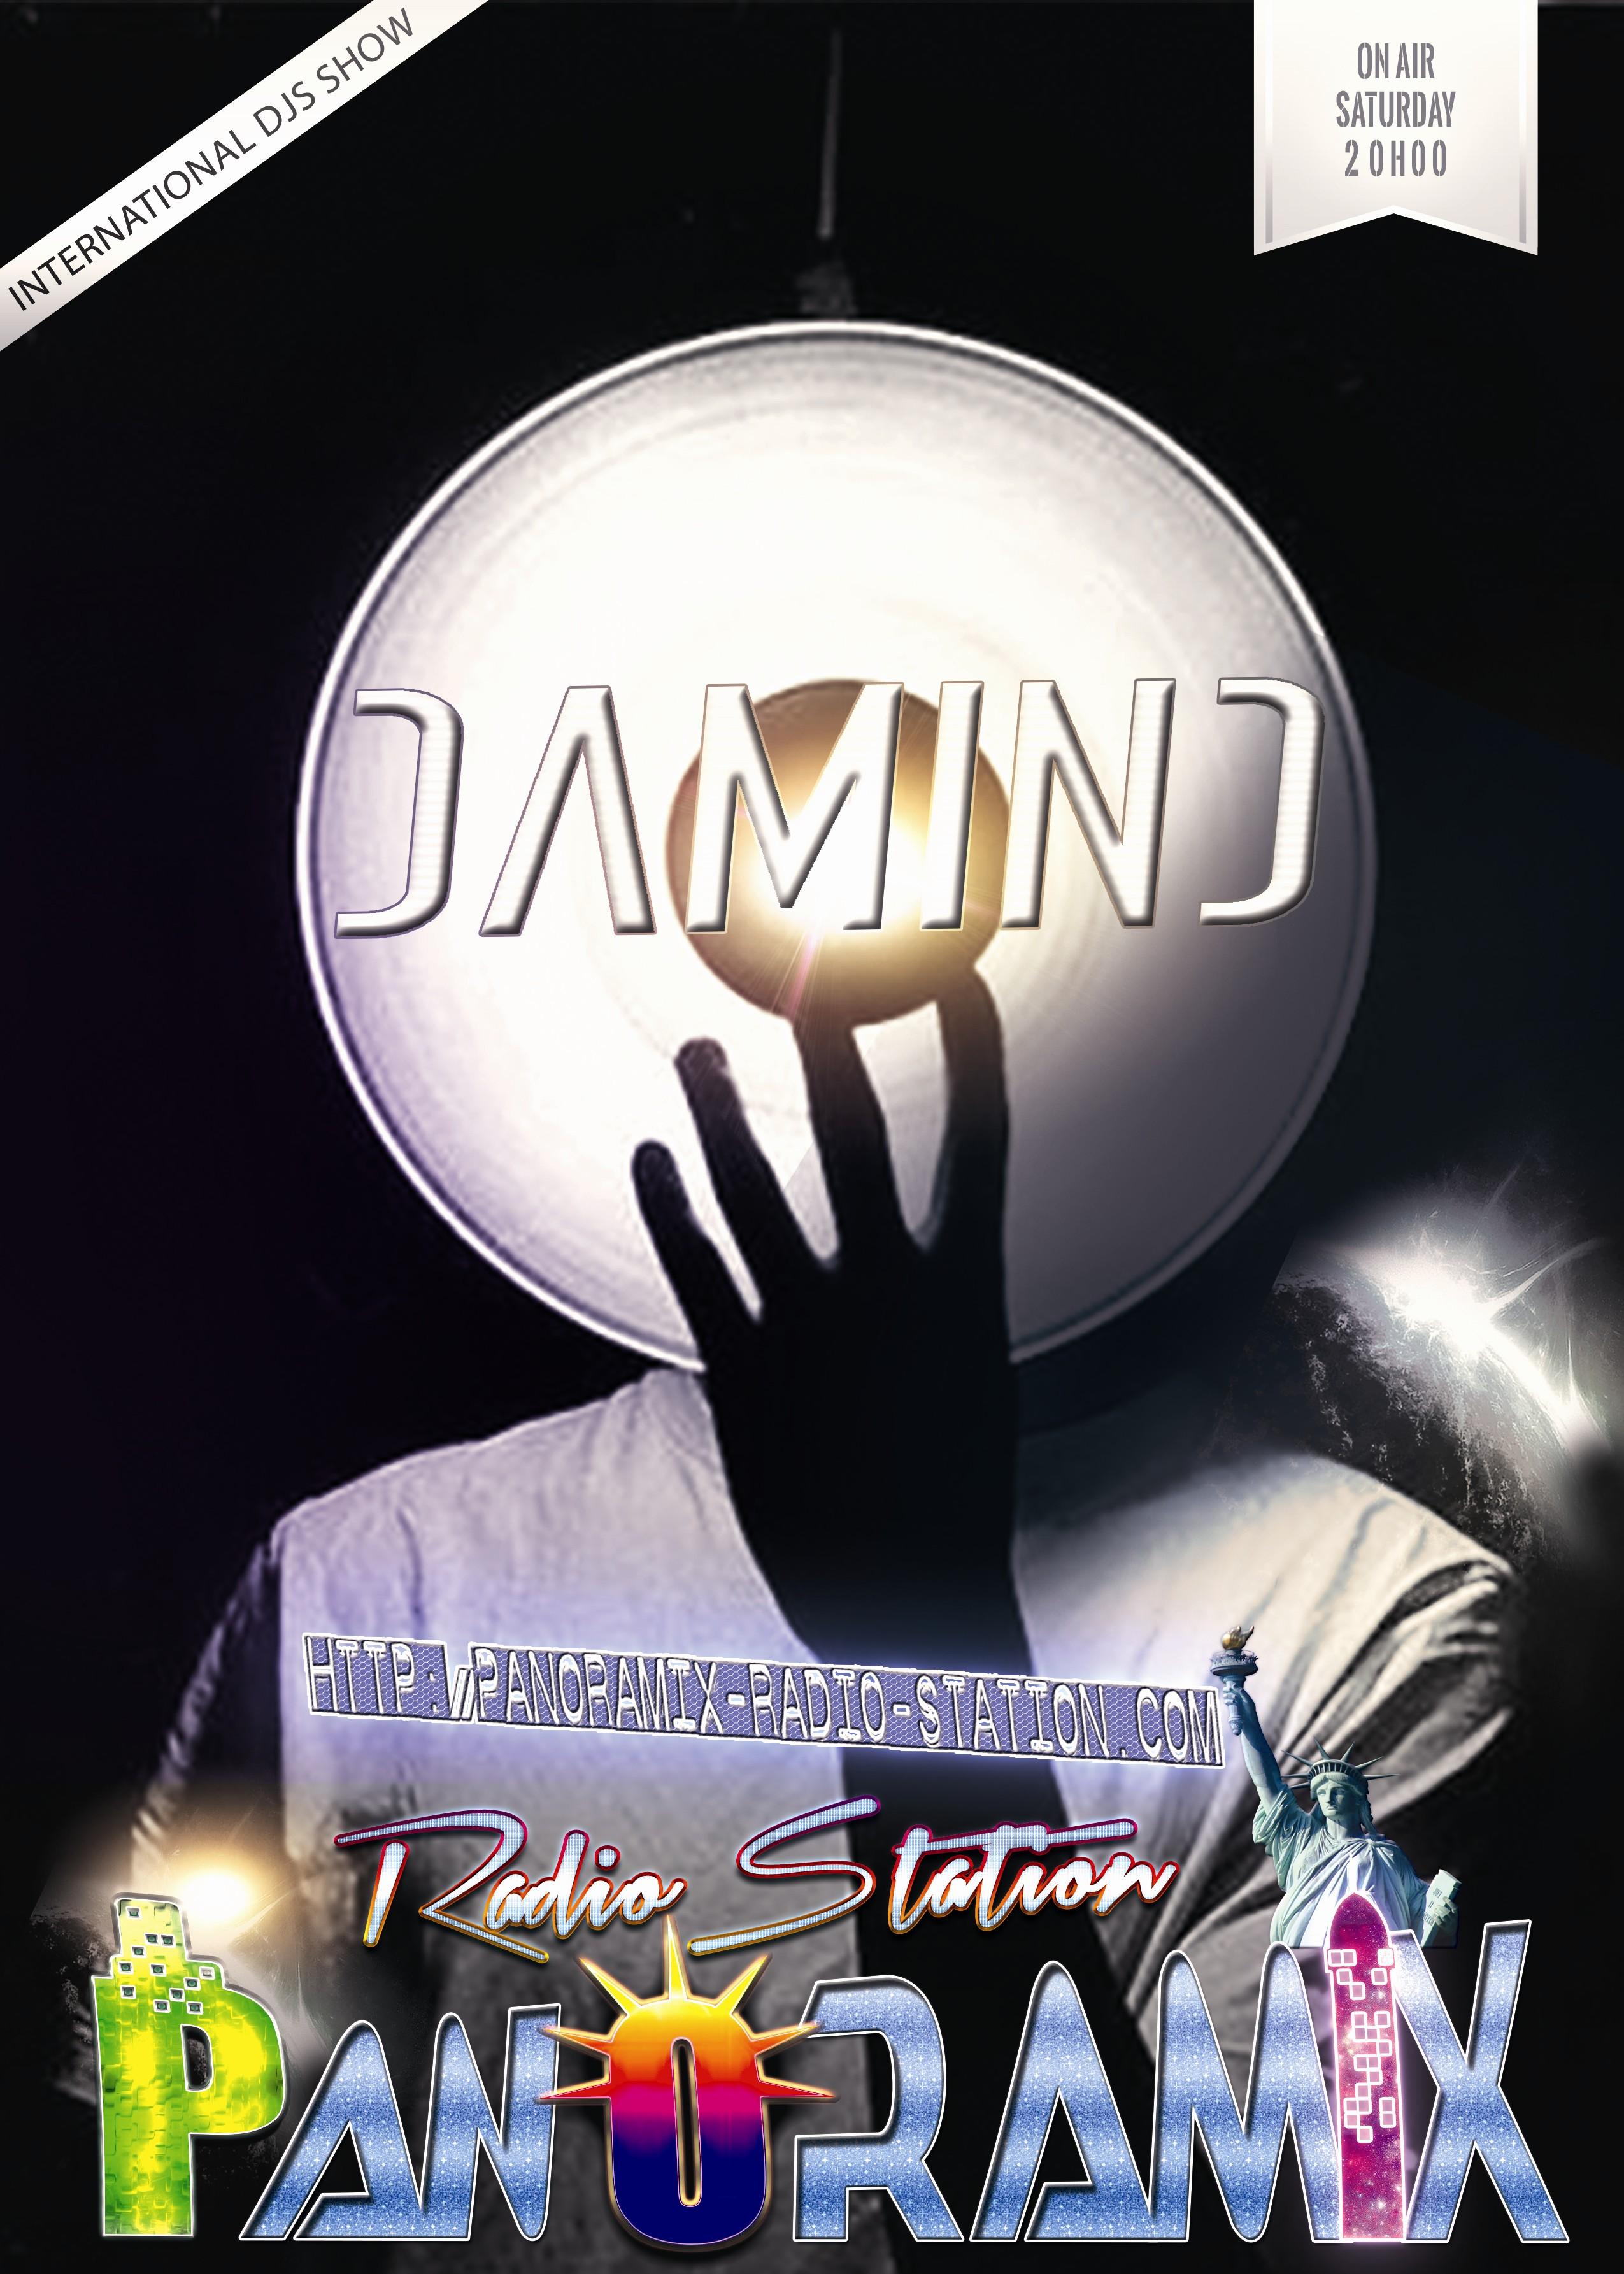 https://panoramix-radio-station.com/wp-content/uploads/2018/04/DAMIND-AFFICHE-panoramix-radio-.jpg